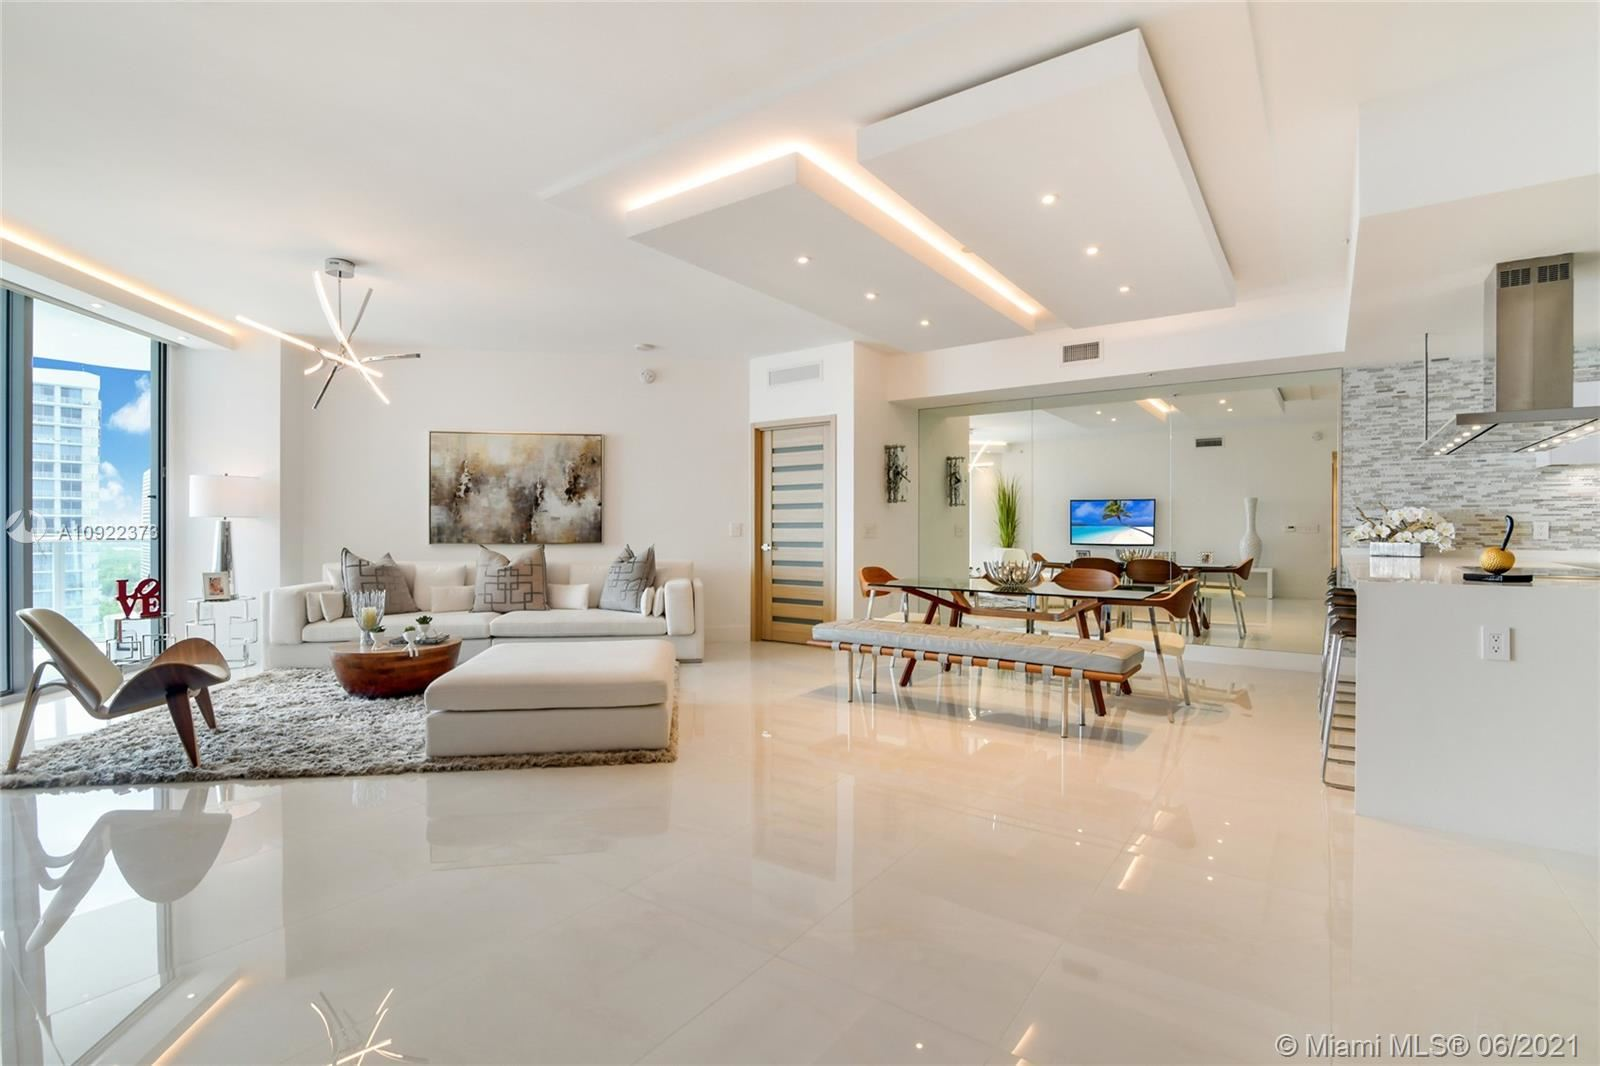 17301 Biscayne Blvd #1803, North Miami Beach, FL 33160 - #: A10922373